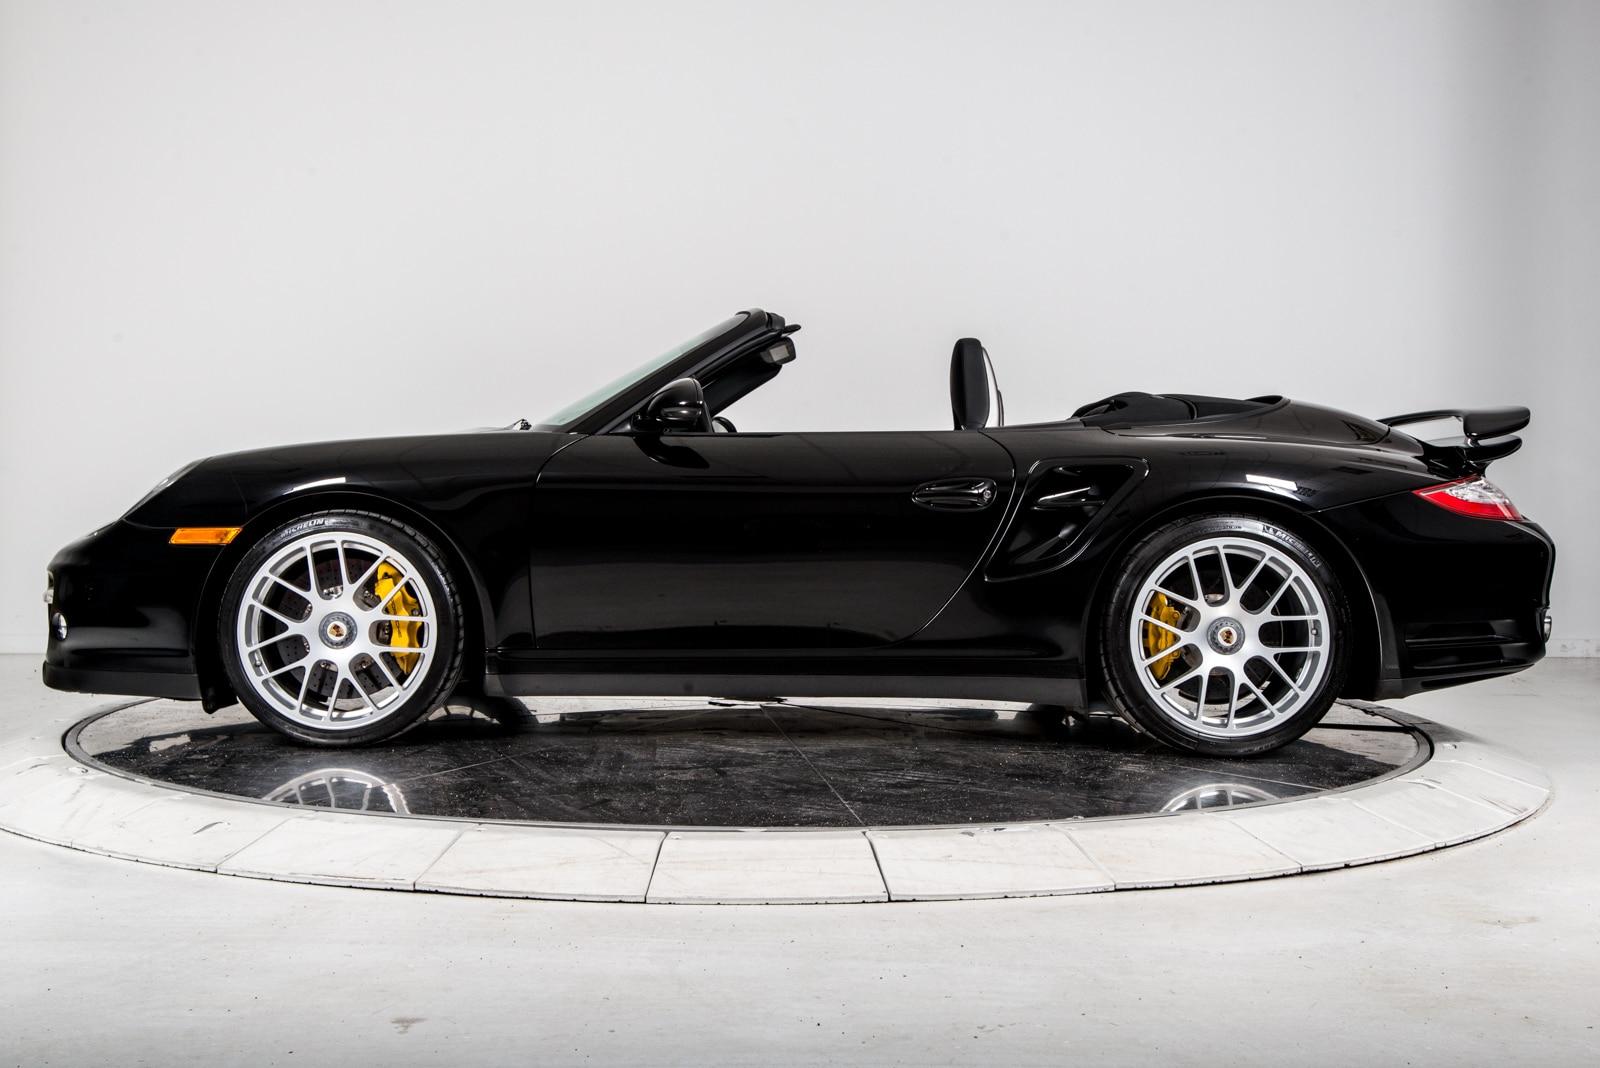 used 2012 porsche 911 turbo s cabriolet for sale fort lauderdale fl. Black Bedroom Furniture Sets. Home Design Ideas